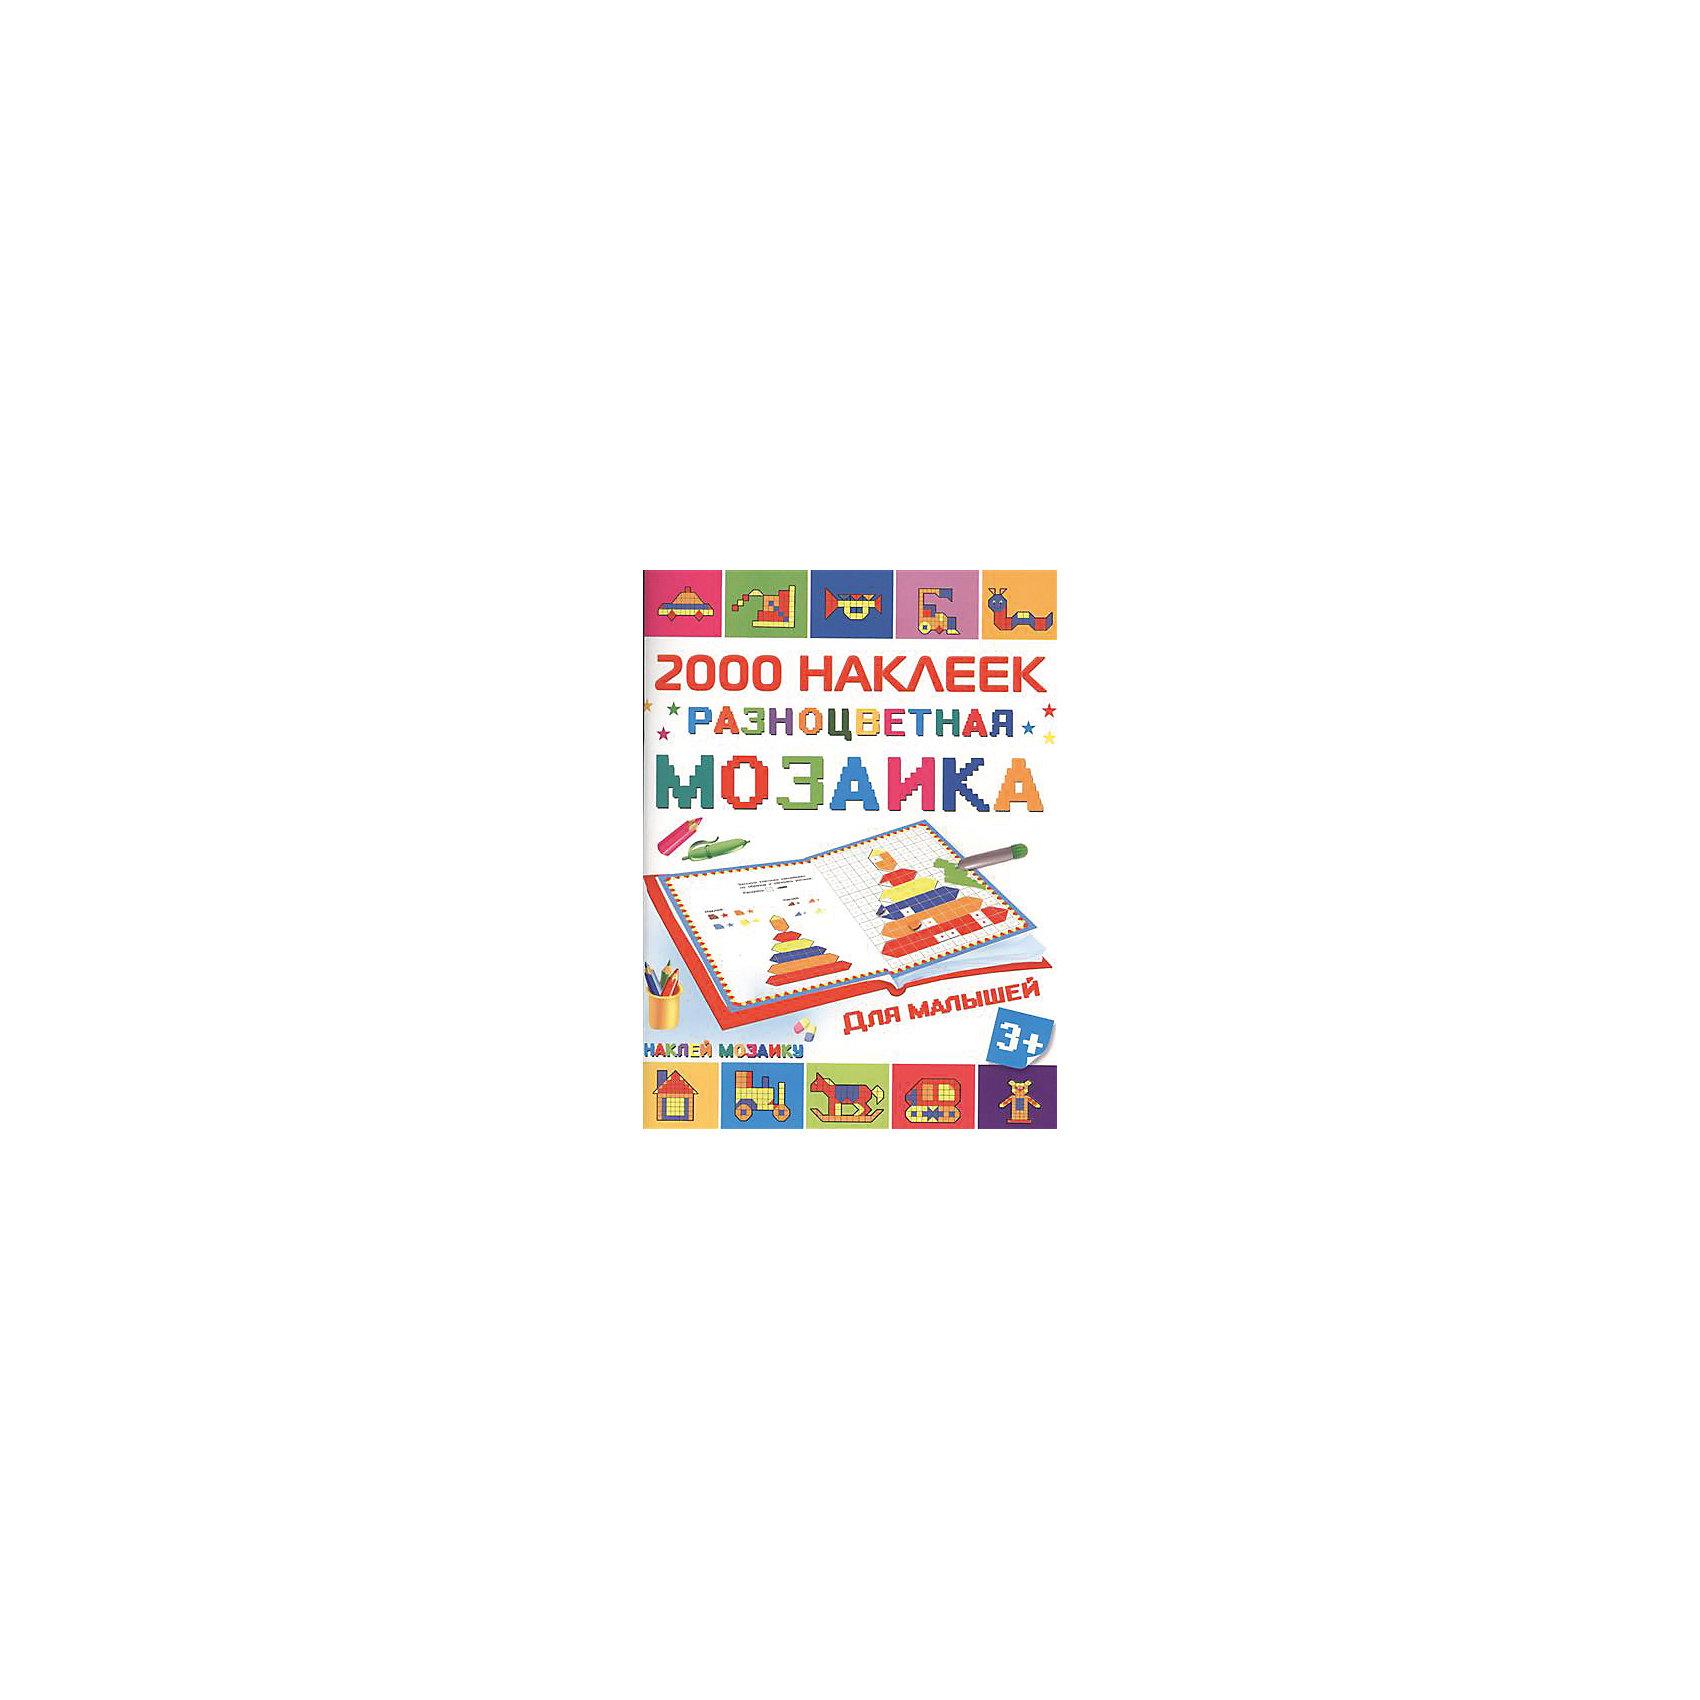 2000 наклеек: Разноцветная мозаика для малышейКнижки с наклейками<br>Раскраска-мозаика «Разноцветная мозаика для малышей» — это полезная и интересная развивающая игра для вашего карапуза. Картинки раскраски-мозаики разделены на квадратики и напоминают пиксельные изображения. Аккуратно раскрашивая каждый квадратик и подбирая нужные наклейки, ребёнок получит объёмные изображения. Раскраска-мозаика поможет малышу проявить свои творческие способности, развить мелкую моторику и пространственное мышление, научит внимательности и усидчивости.<br>Для дошкольного возраста.<br><br>Ширина мм: 280<br>Глубина мм: 210<br>Высота мм: 100<br>Вес г: 185<br>Возраст от месяцев: 48<br>Возраст до месяцев: 72<br>Пол: Унисекс<br>Возраст: Детский<br>SKU: 6848380